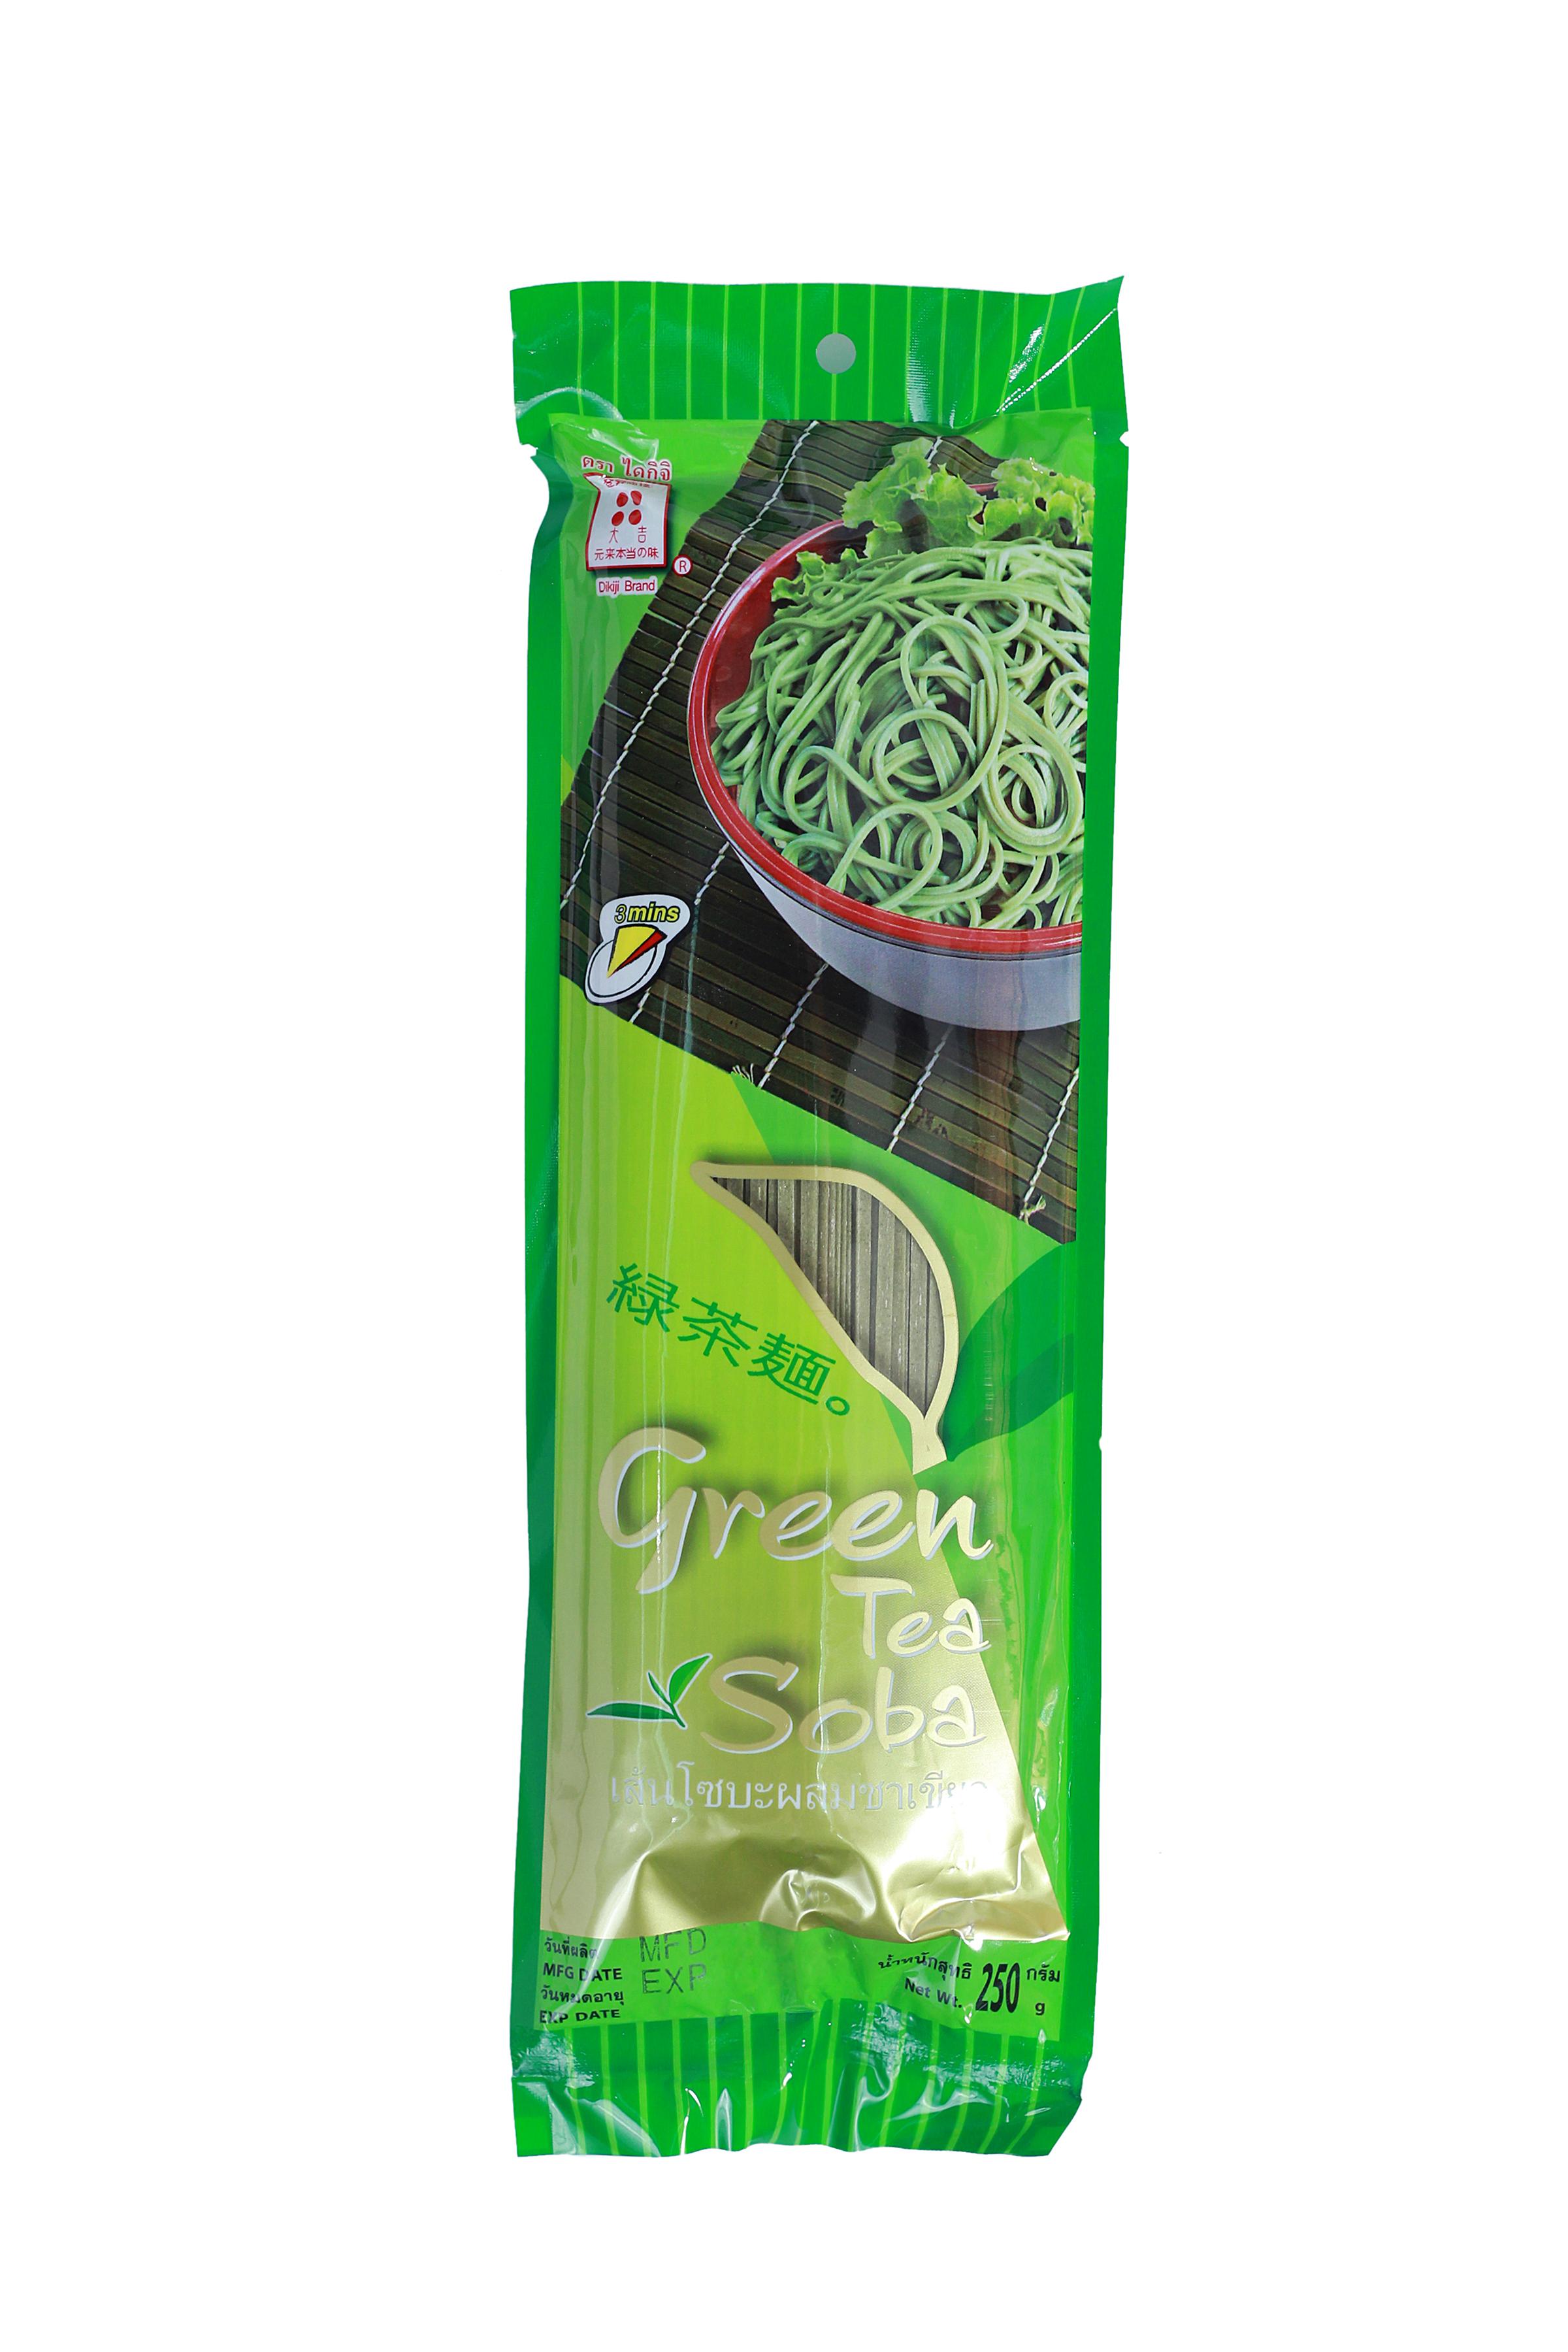 GREEN TEA SOBA - เส้นโซบะผสมชาเขียว